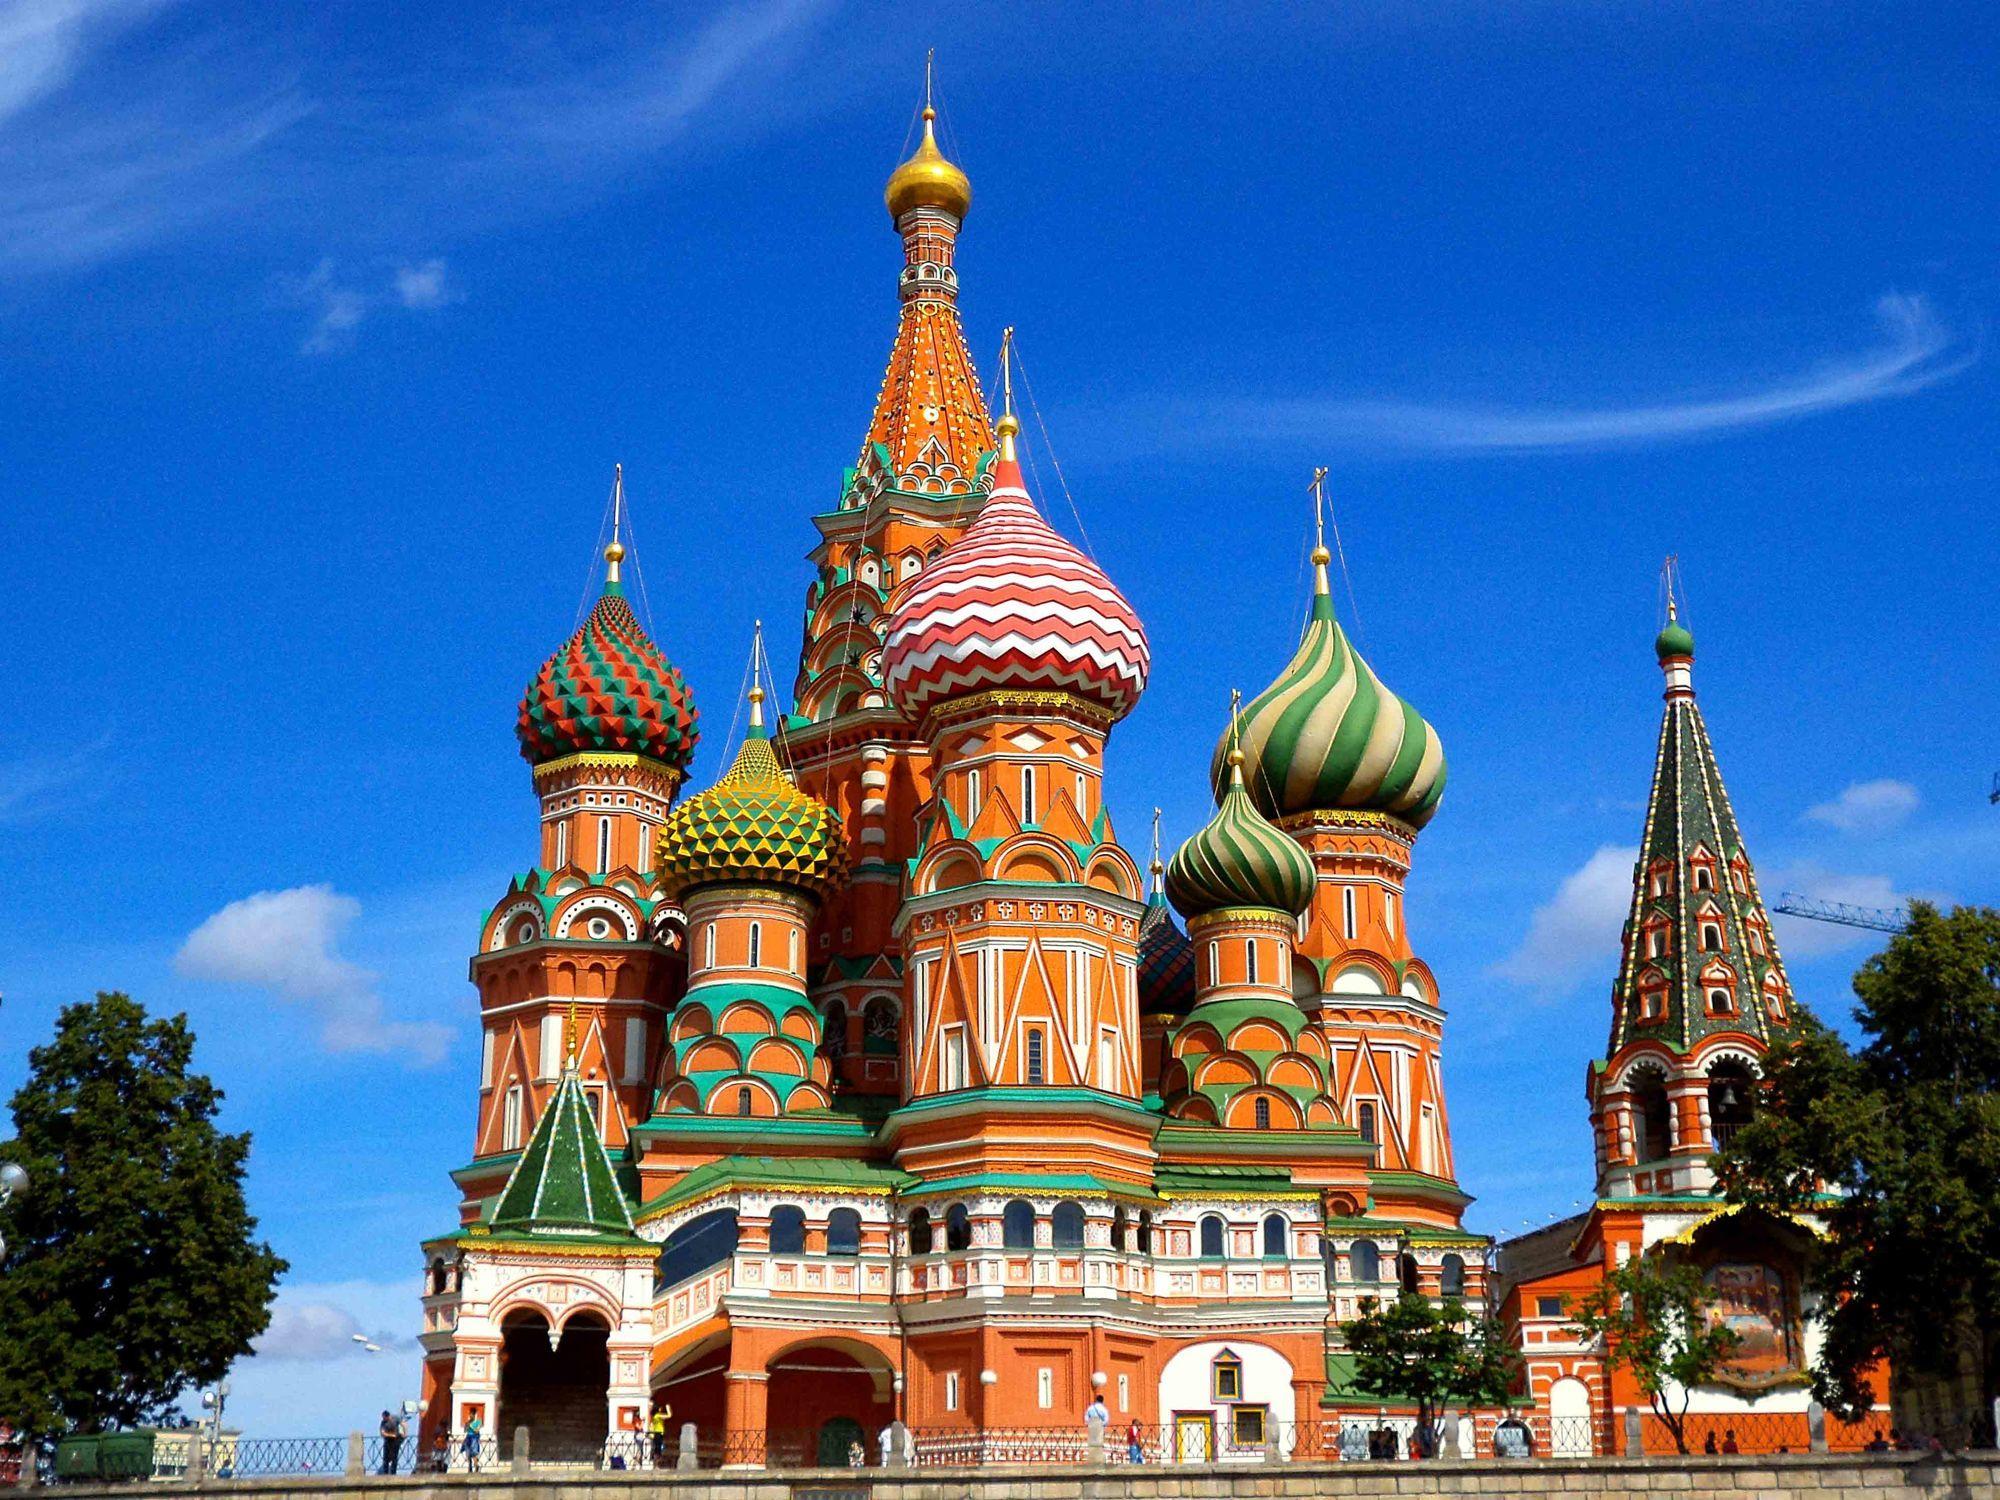 Храм Василия Блаженного (Россия, Москва) - автор фото Андрей Аркадьевич